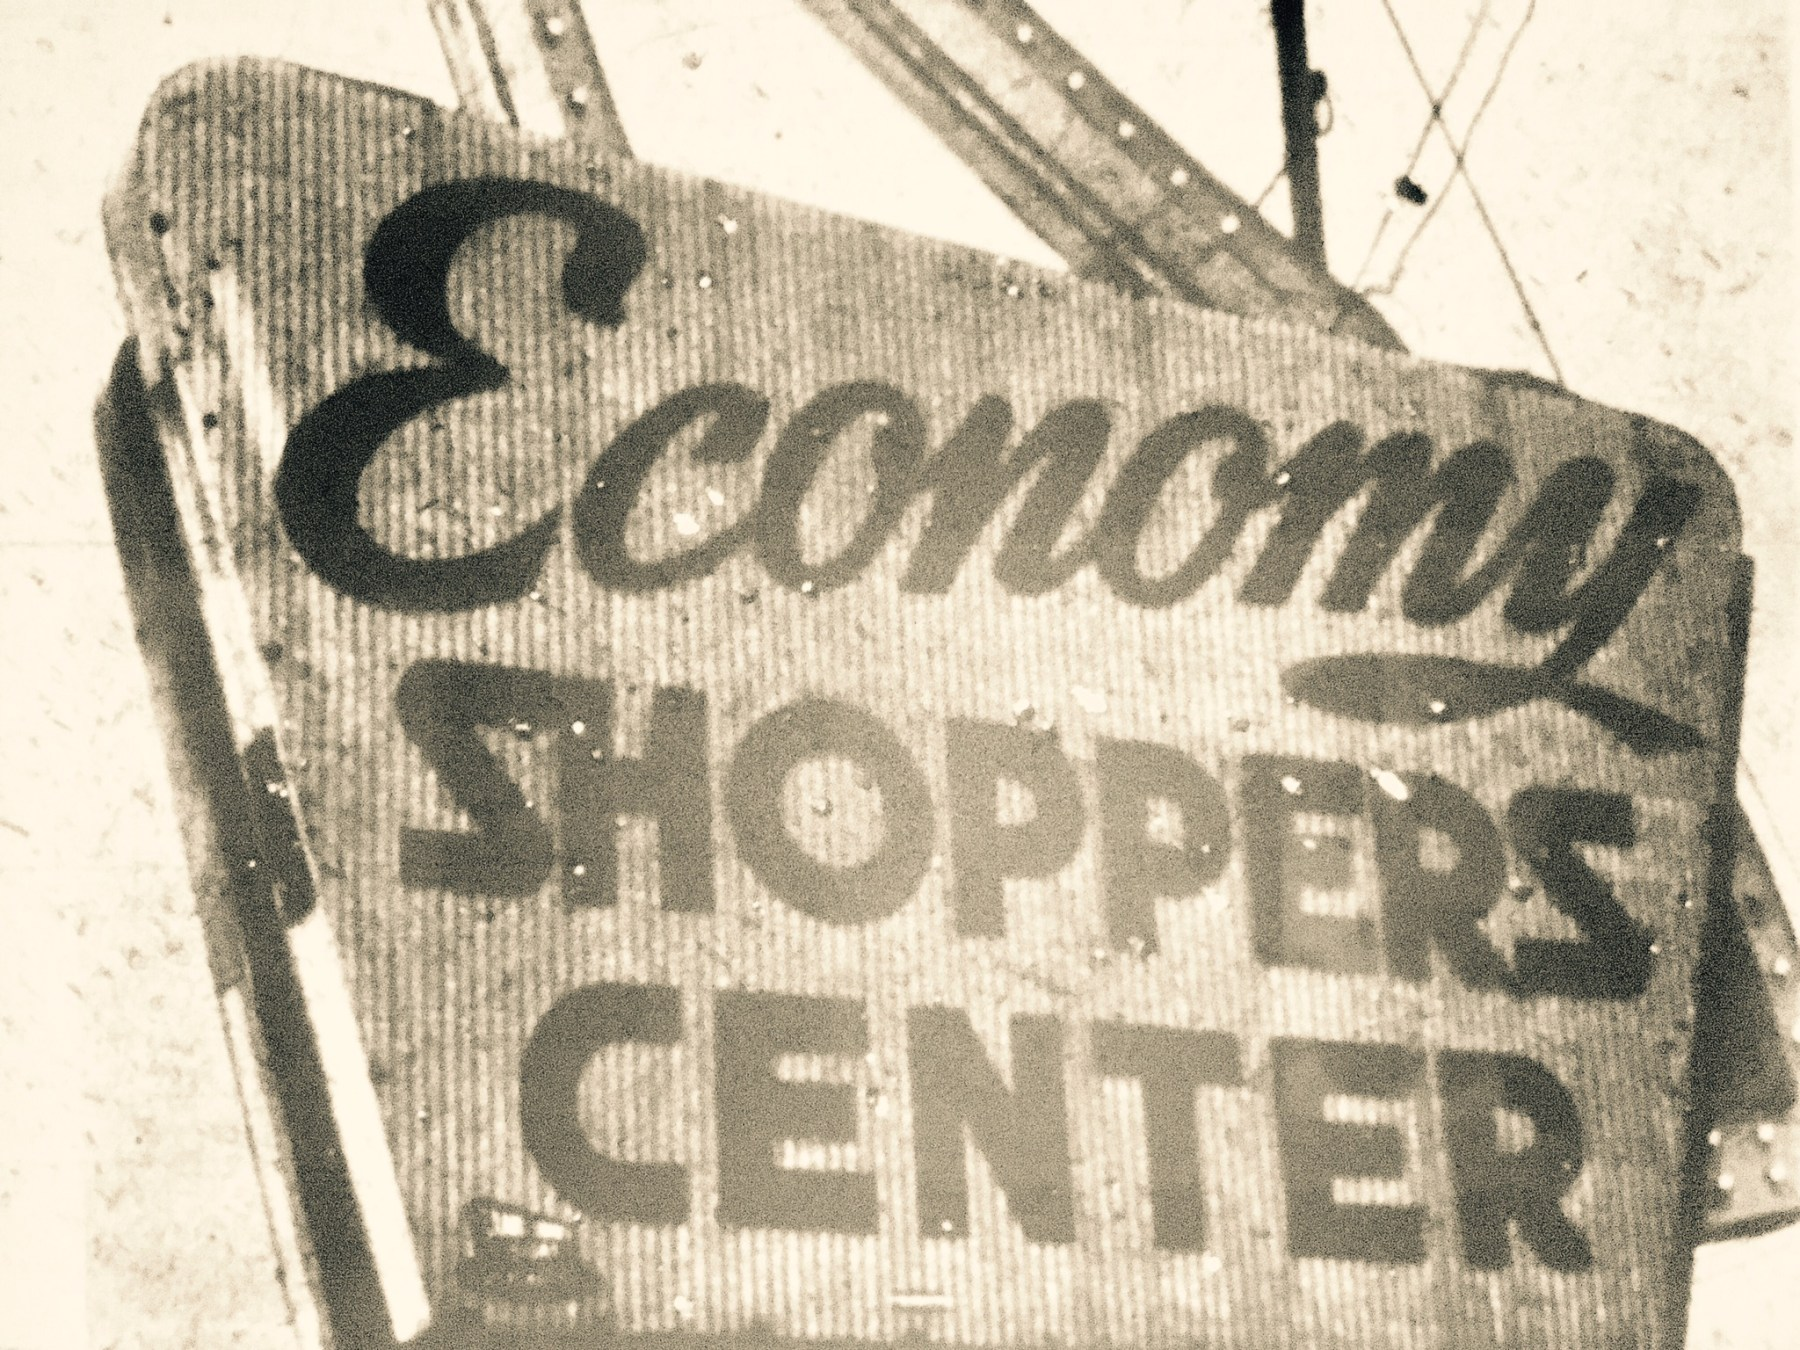 Economy Shoppers Center sign, ca 1970